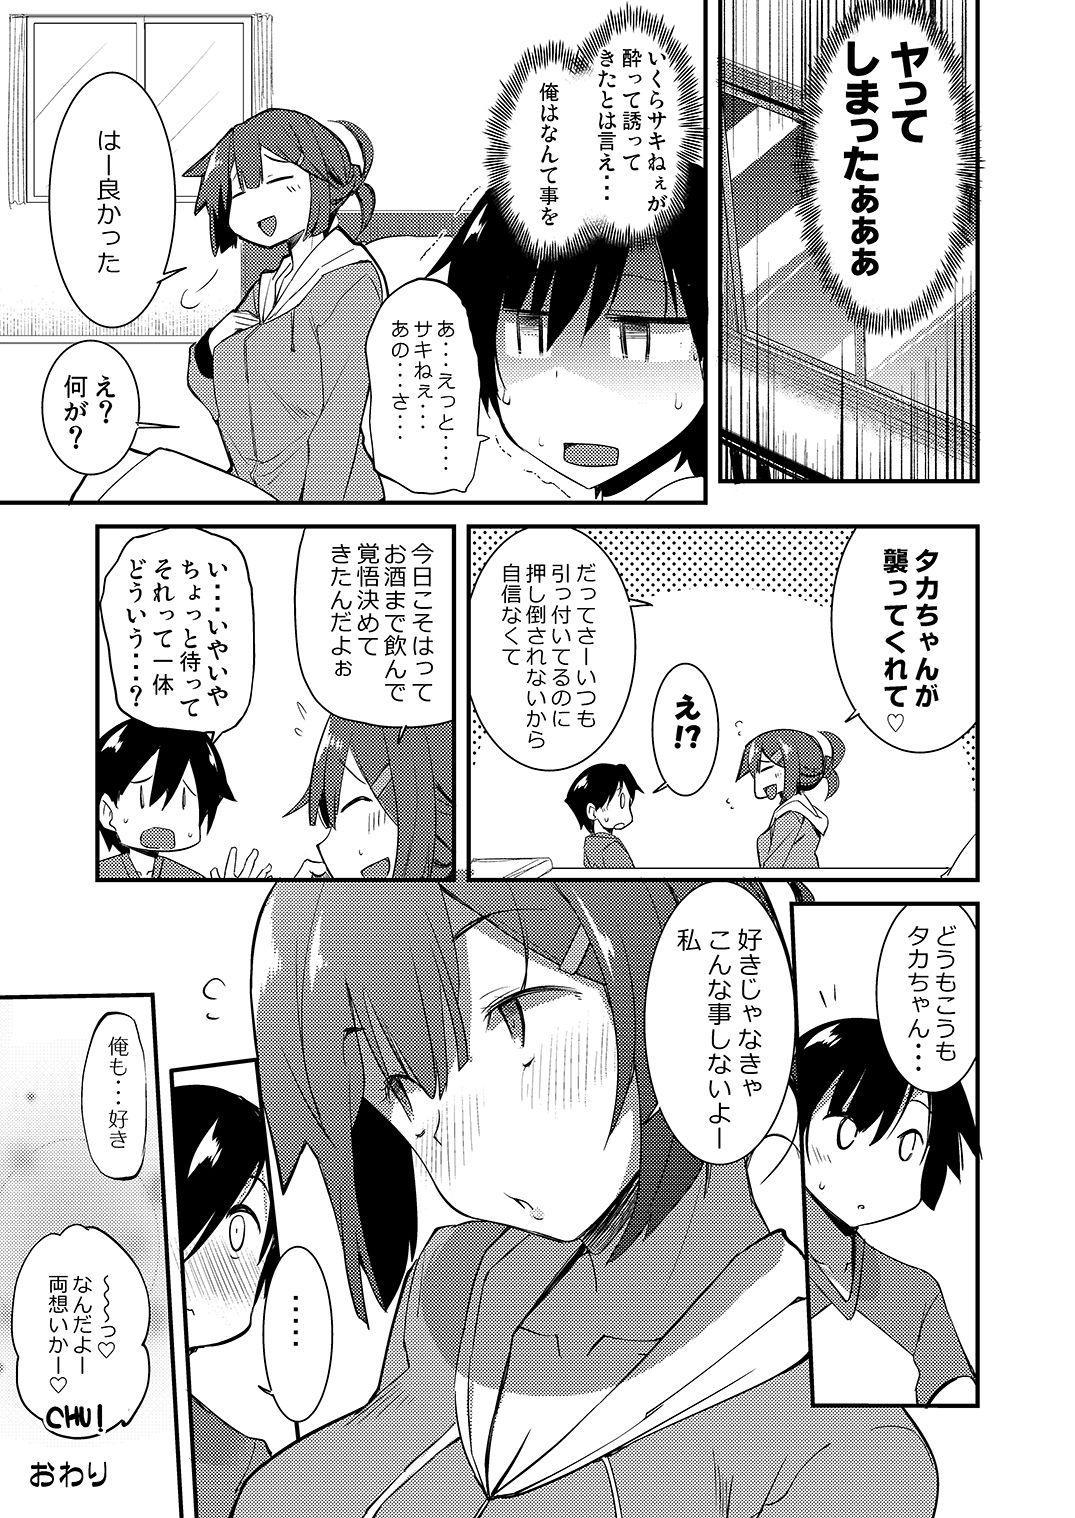 Otonari-san no Yoi no Kuchi 41